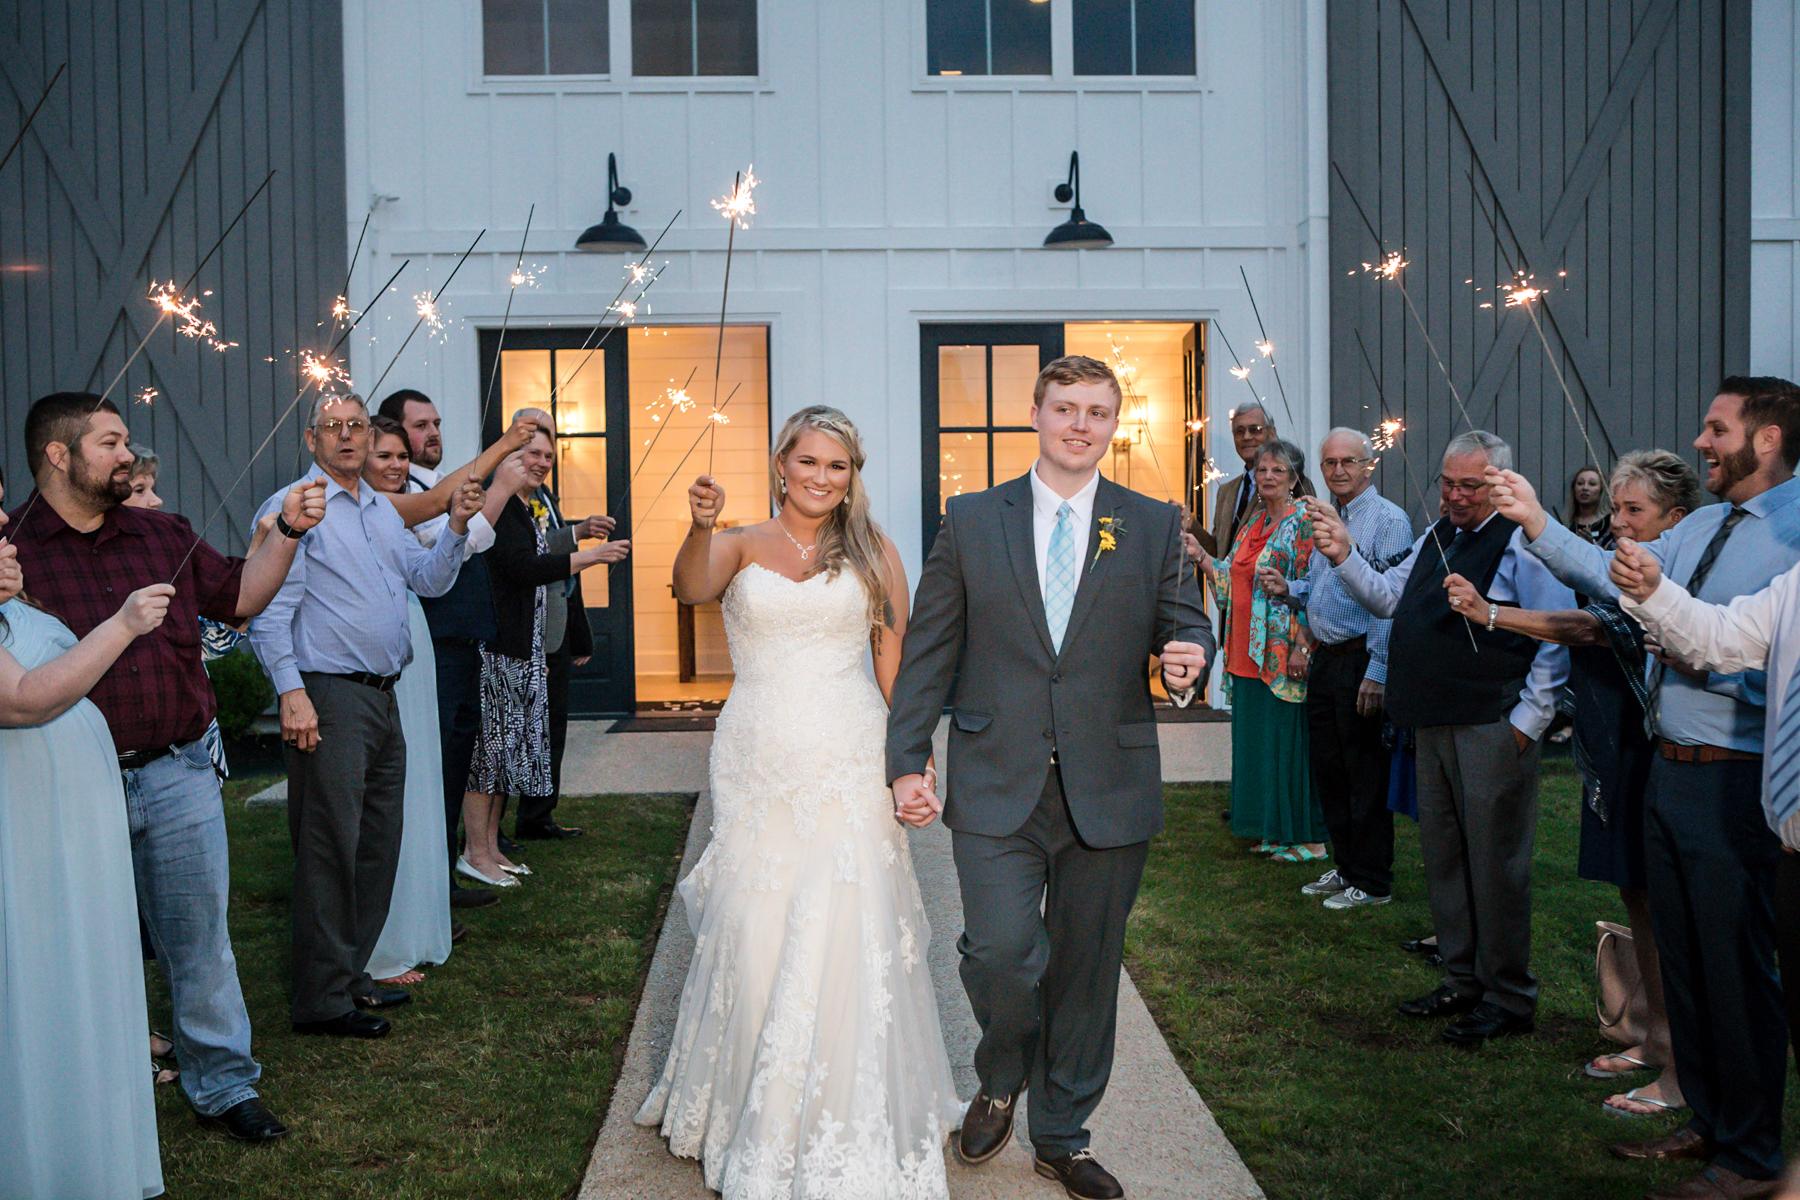 sparkler-exit-wedding-reception.jpg